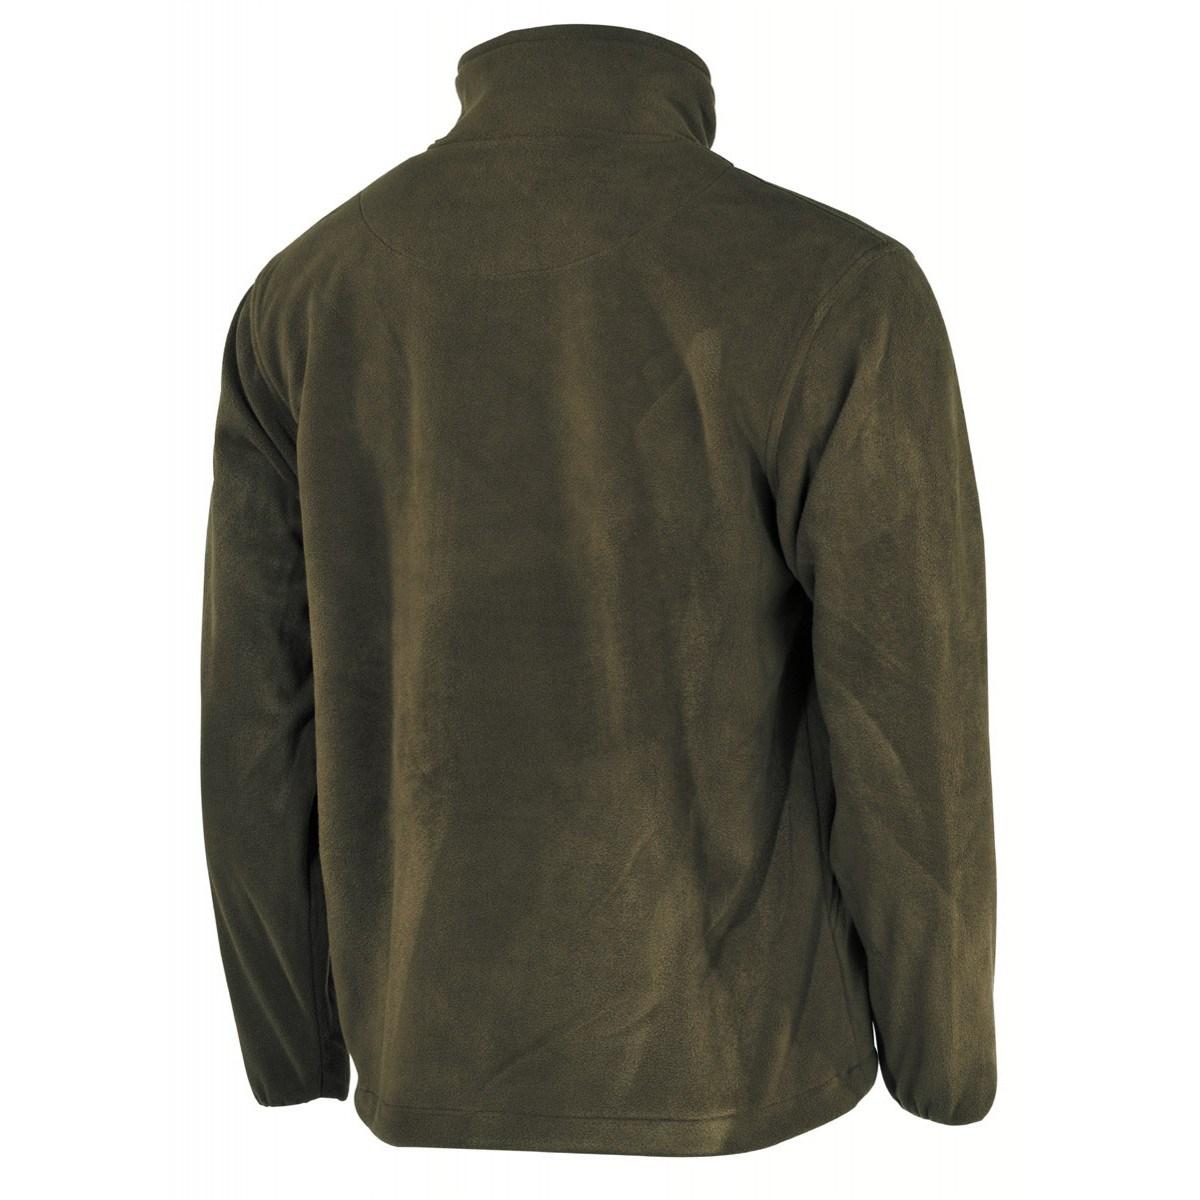 ARBER fleece jacket OLIVE FOX Outdoor 03871B L-11